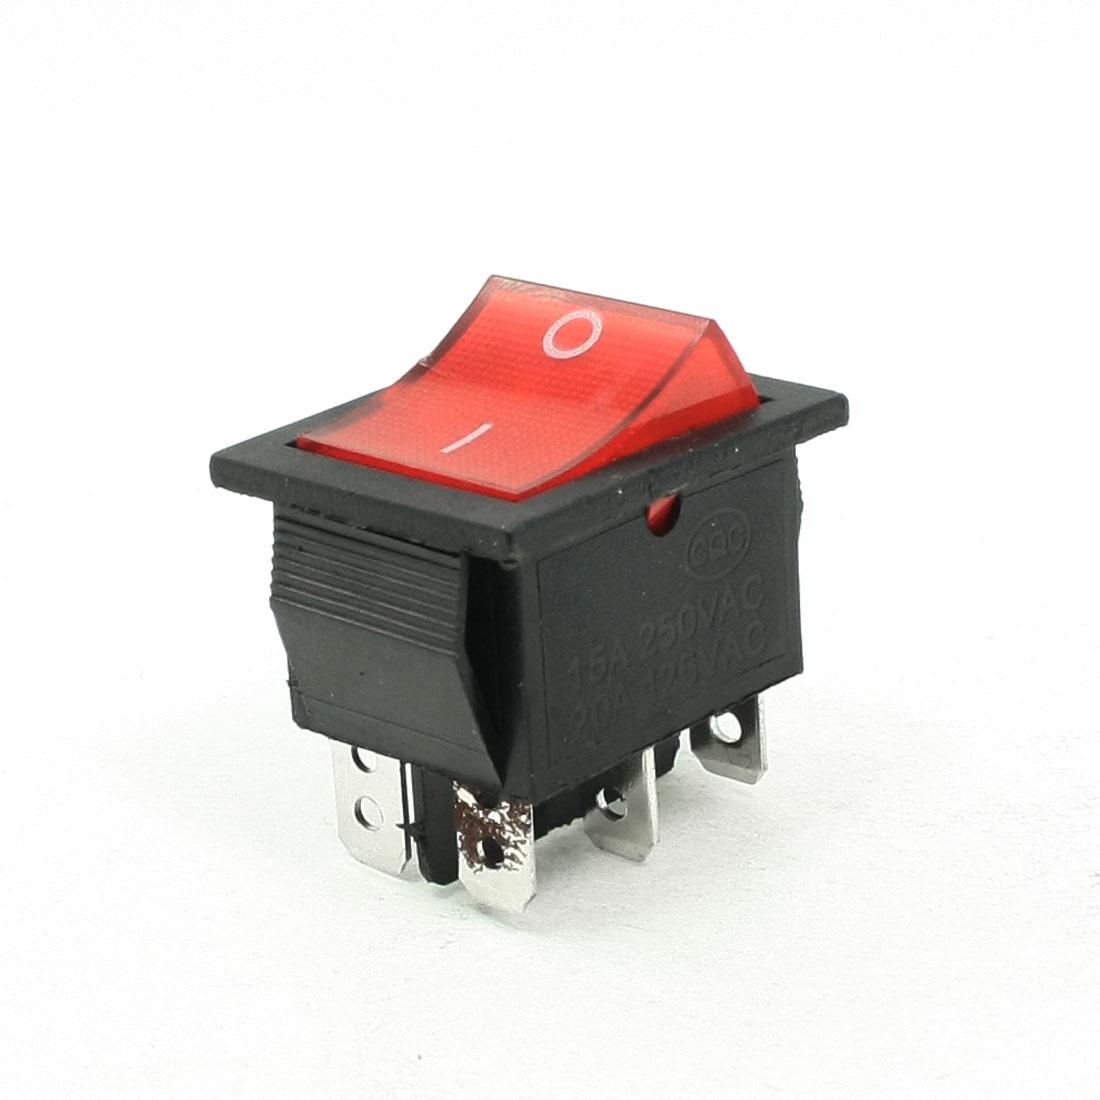 AC 250V/15A 125V/20A 6 Pins DPDT I/O Red Light Snap in Boat Rocker Switch